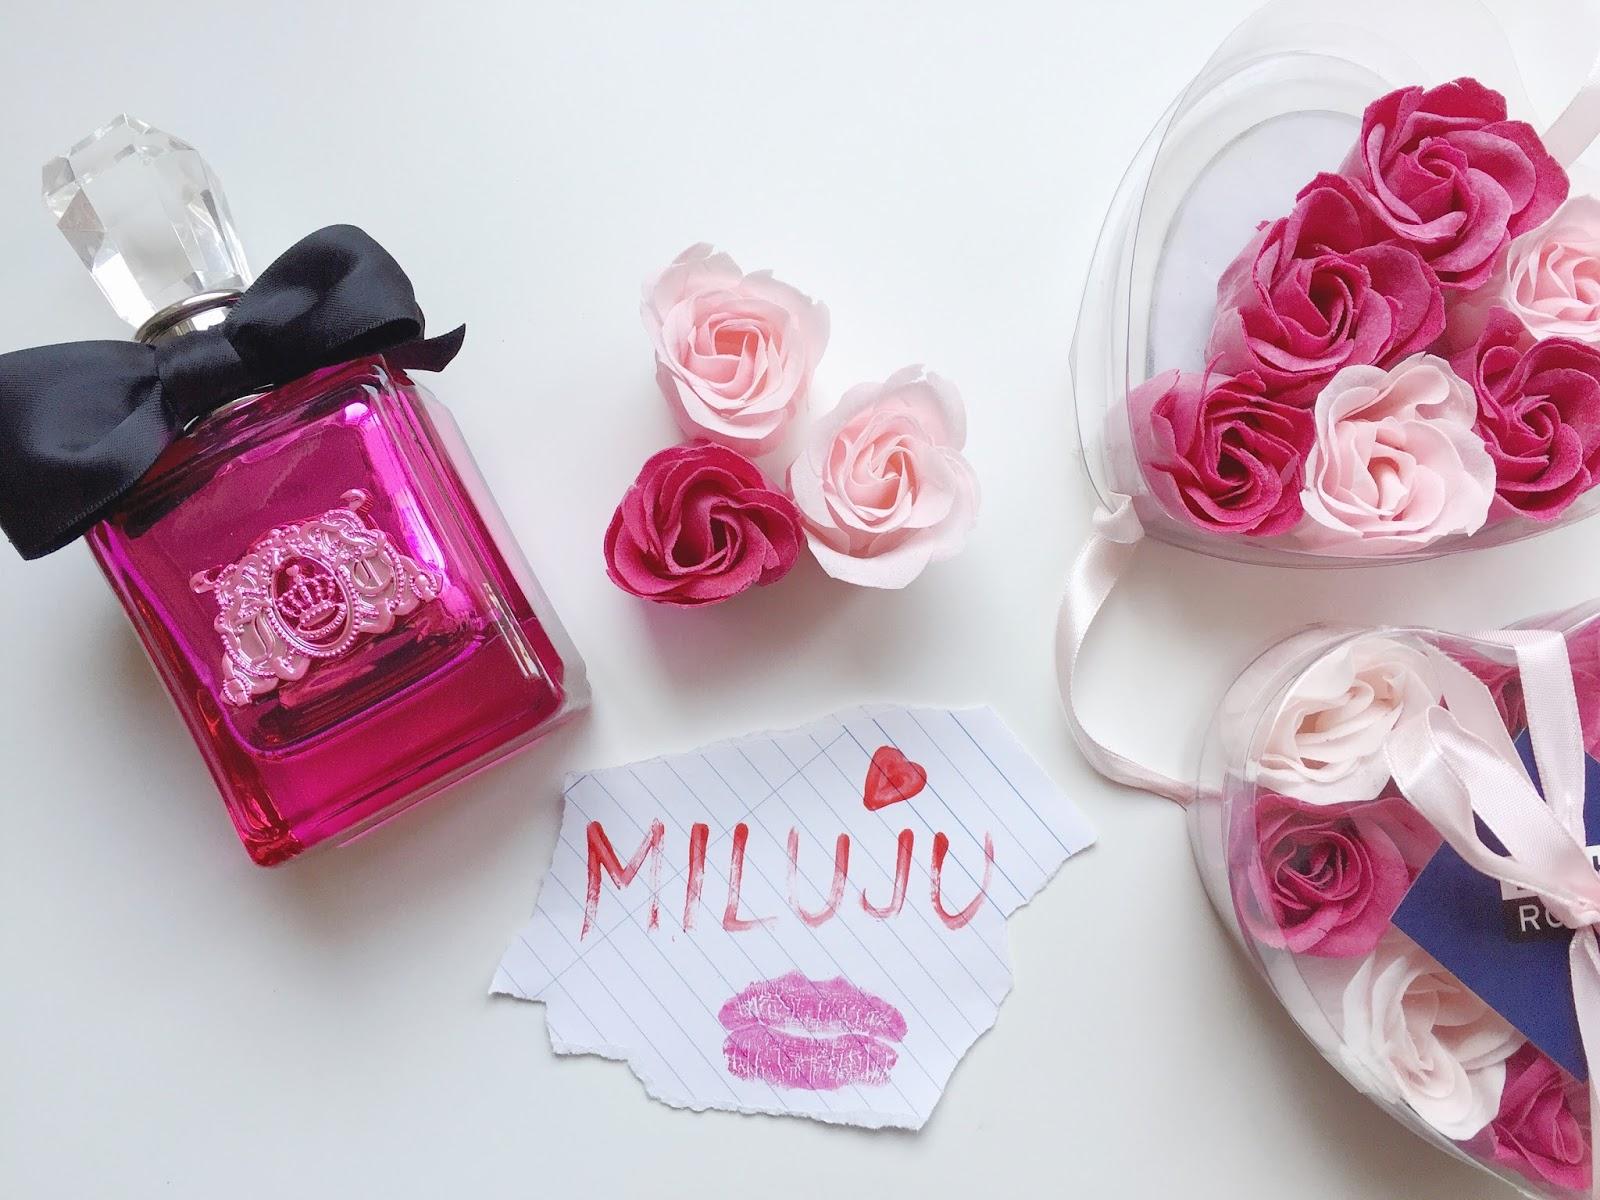 Parfém Viva La Juici Noir, růžové růže a rtěnkou napsaný nápis miluju na papírku, vše na bílém podkladu